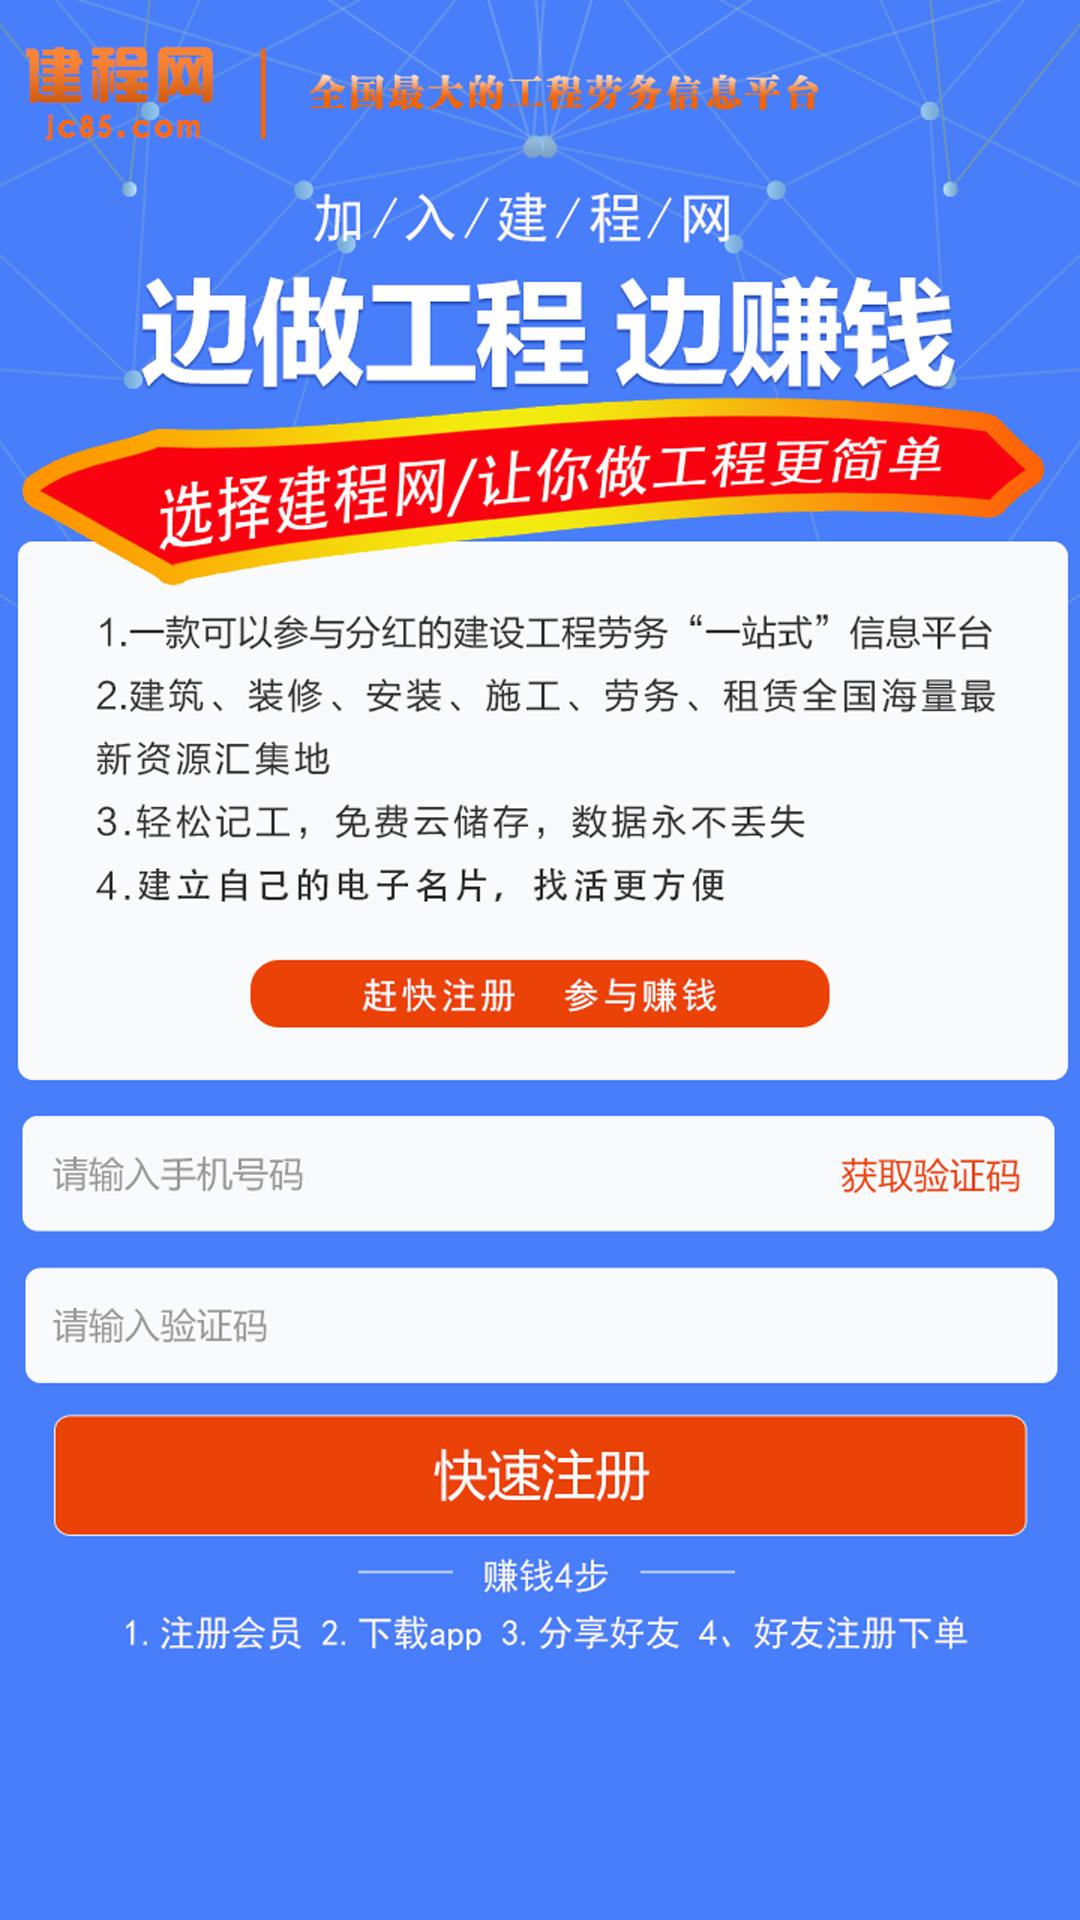 建程网截图(2)